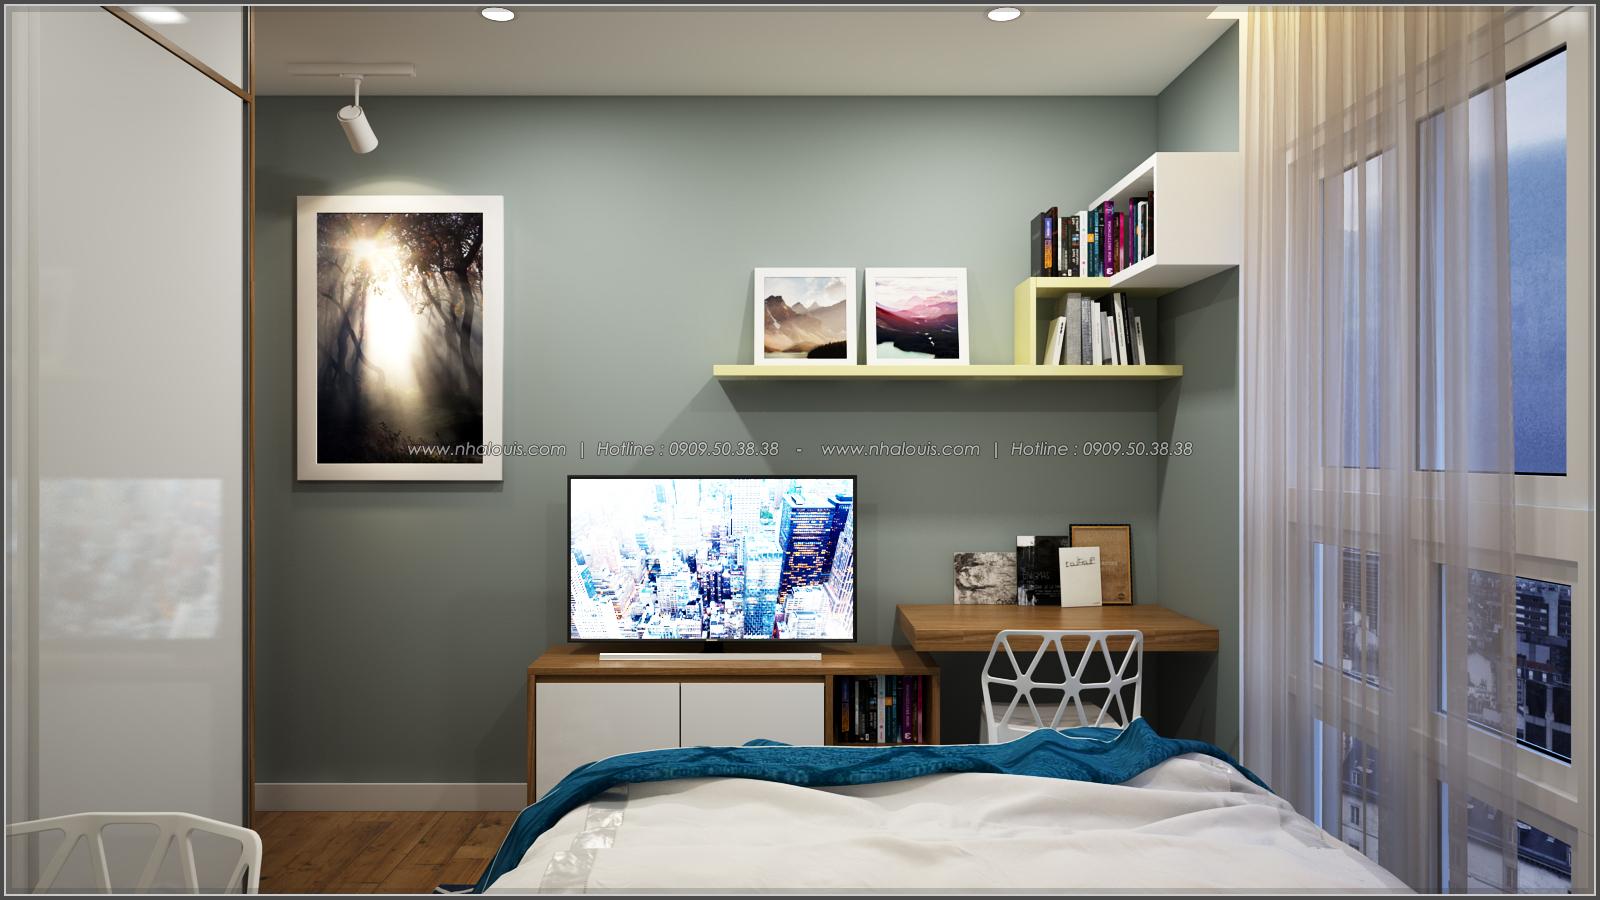 Thiết kế căn hộ chung cư 3 phòng ngủ Happy Valley quận 7 - 13